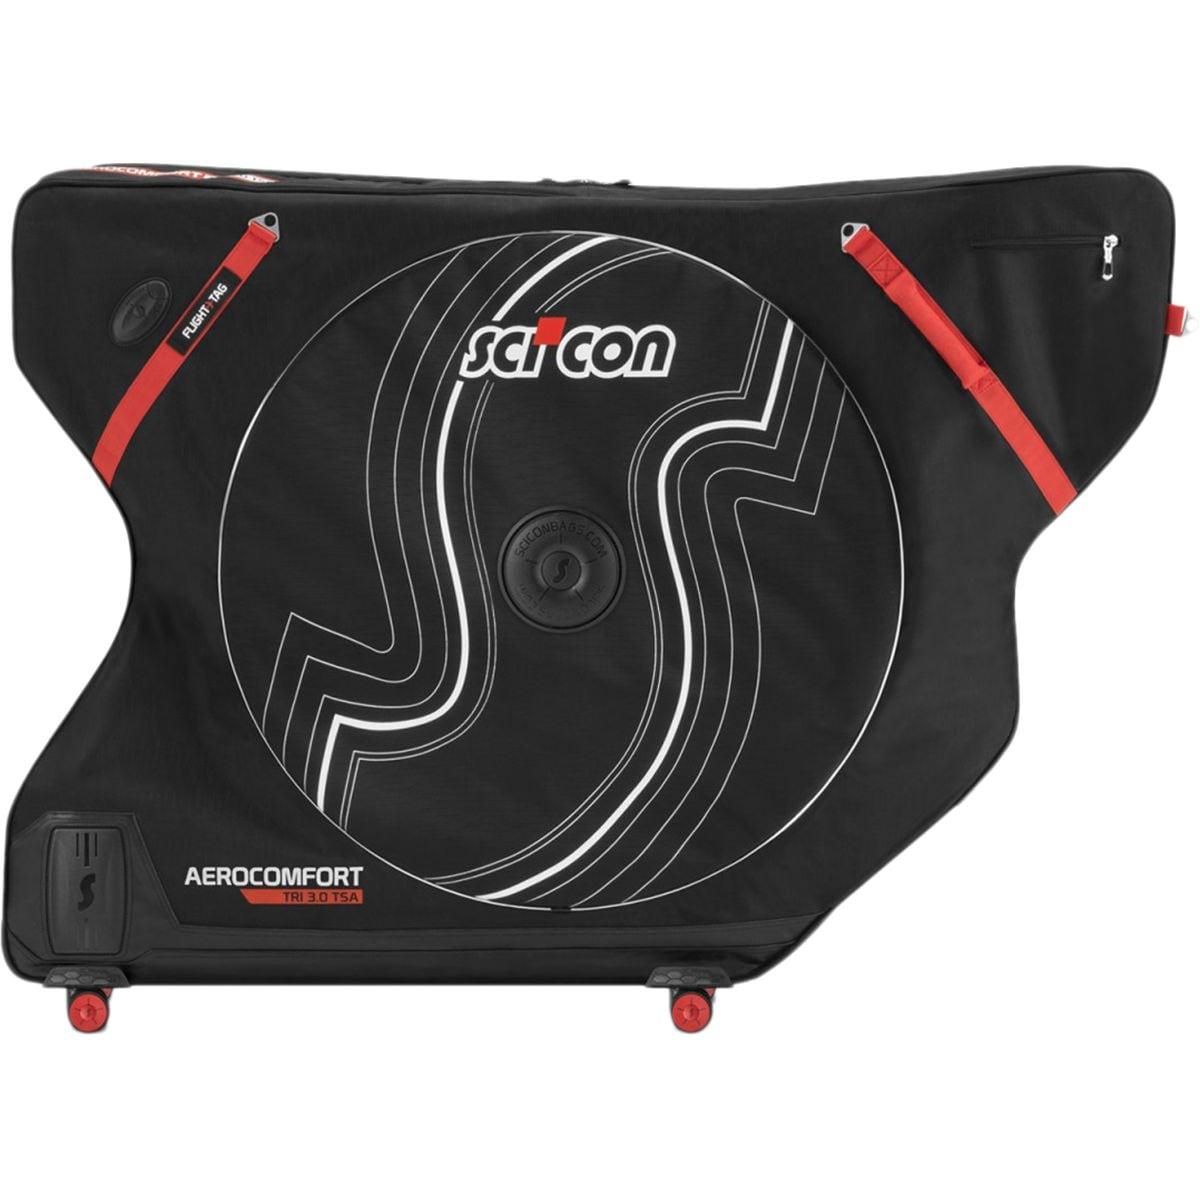 Scicon Aerocomfort 3 0 Tsa Triathlon Case Competitive